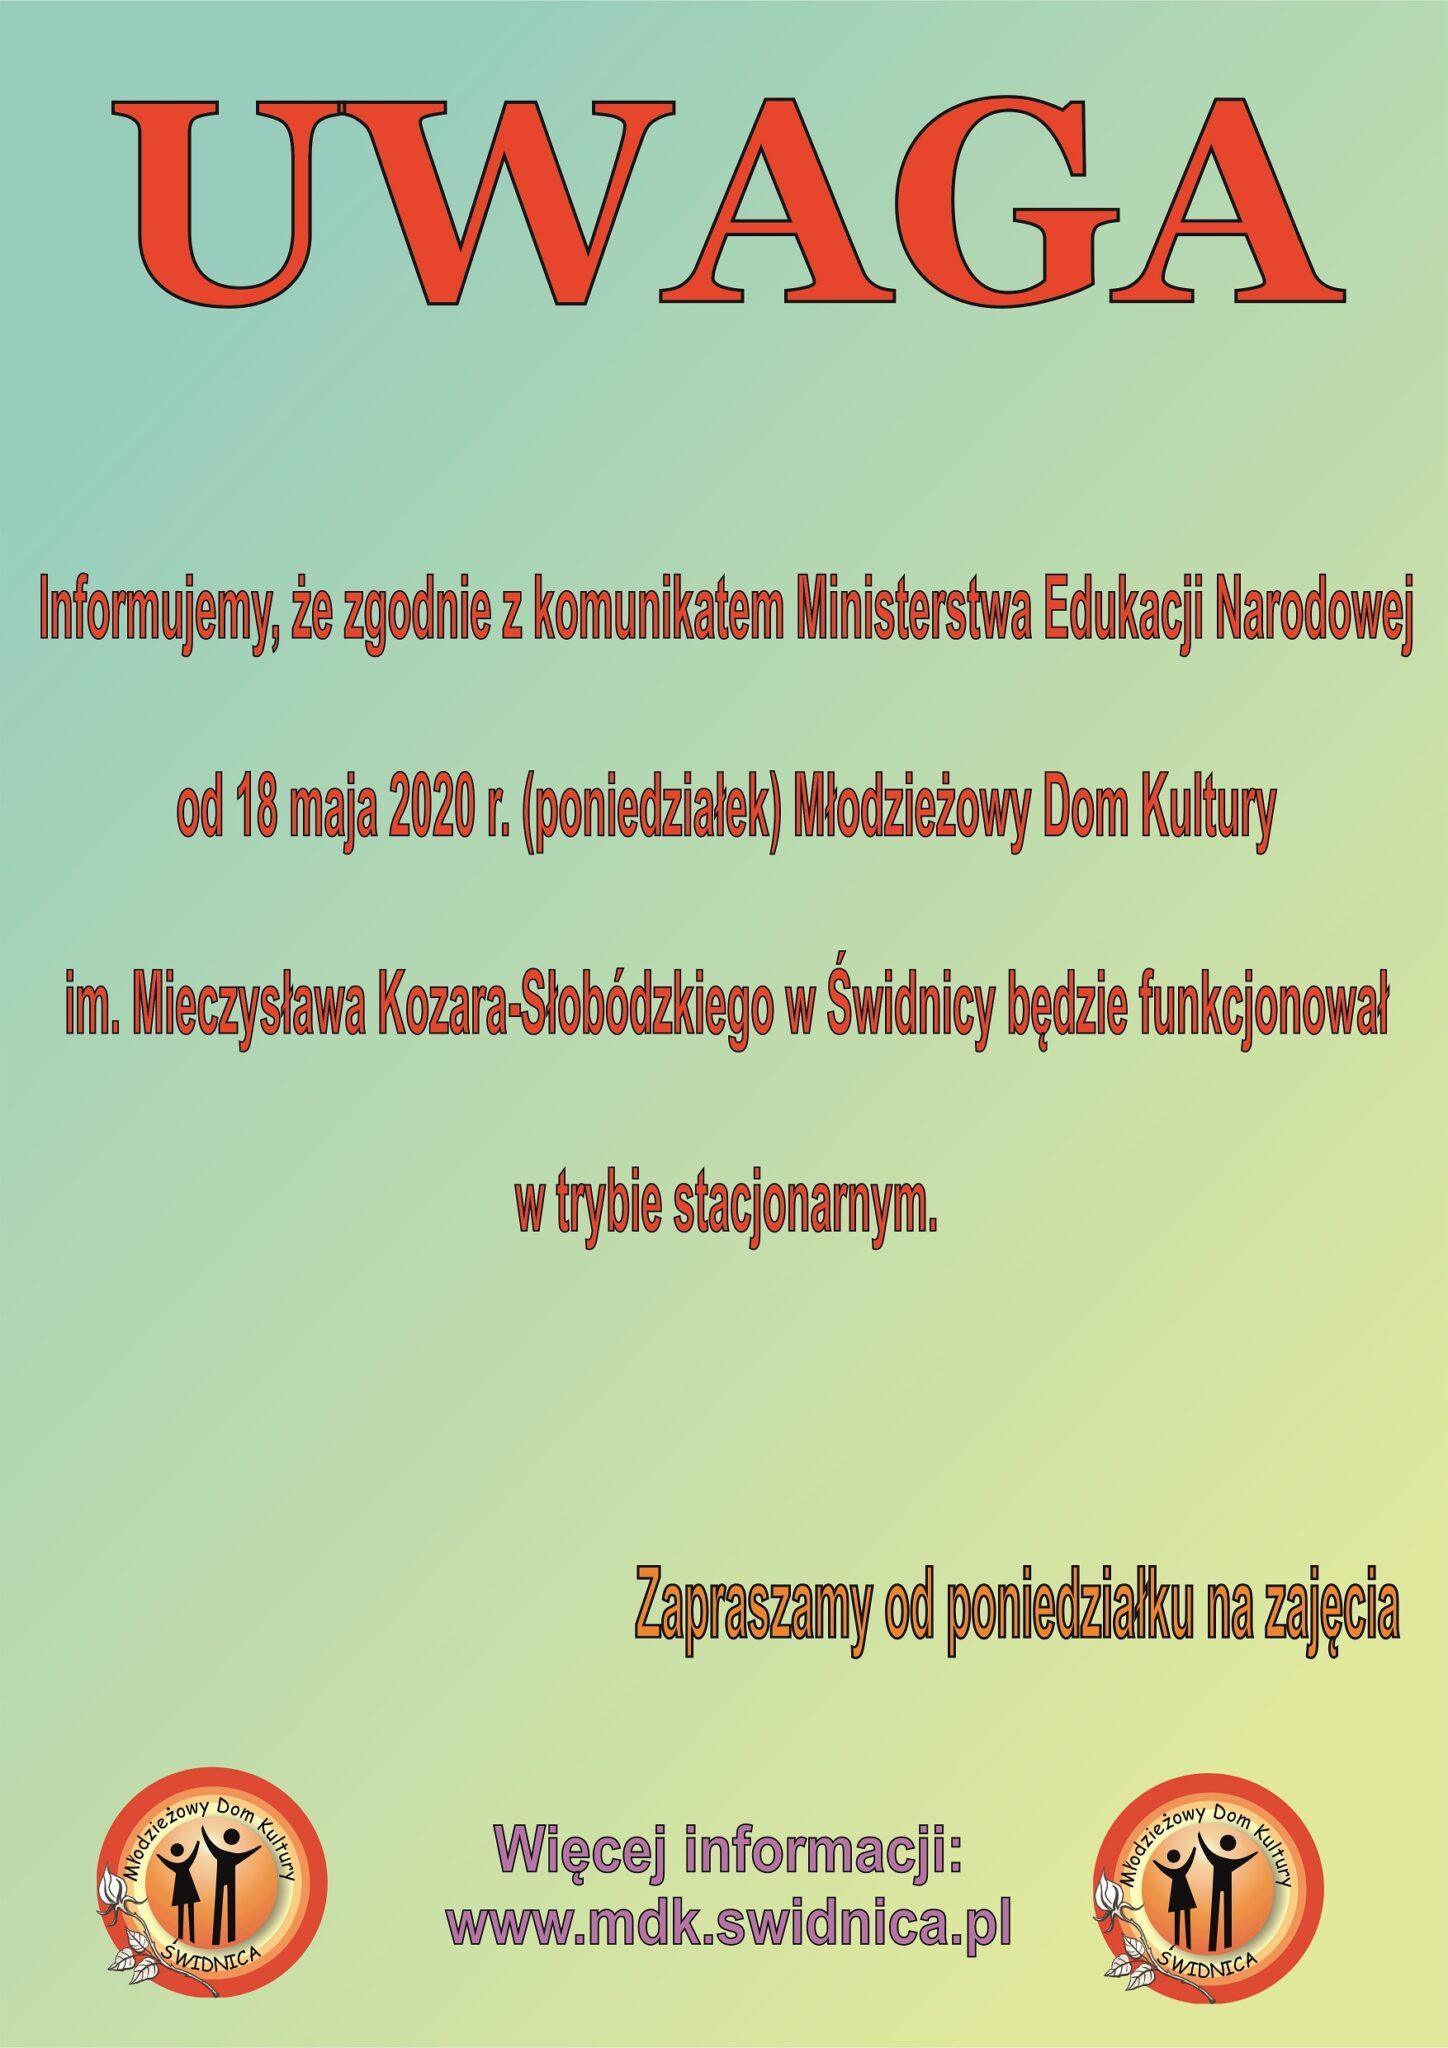 Komunikat Ministerstwa Edukacji Narodowej – od 18 maja otwarty MDK